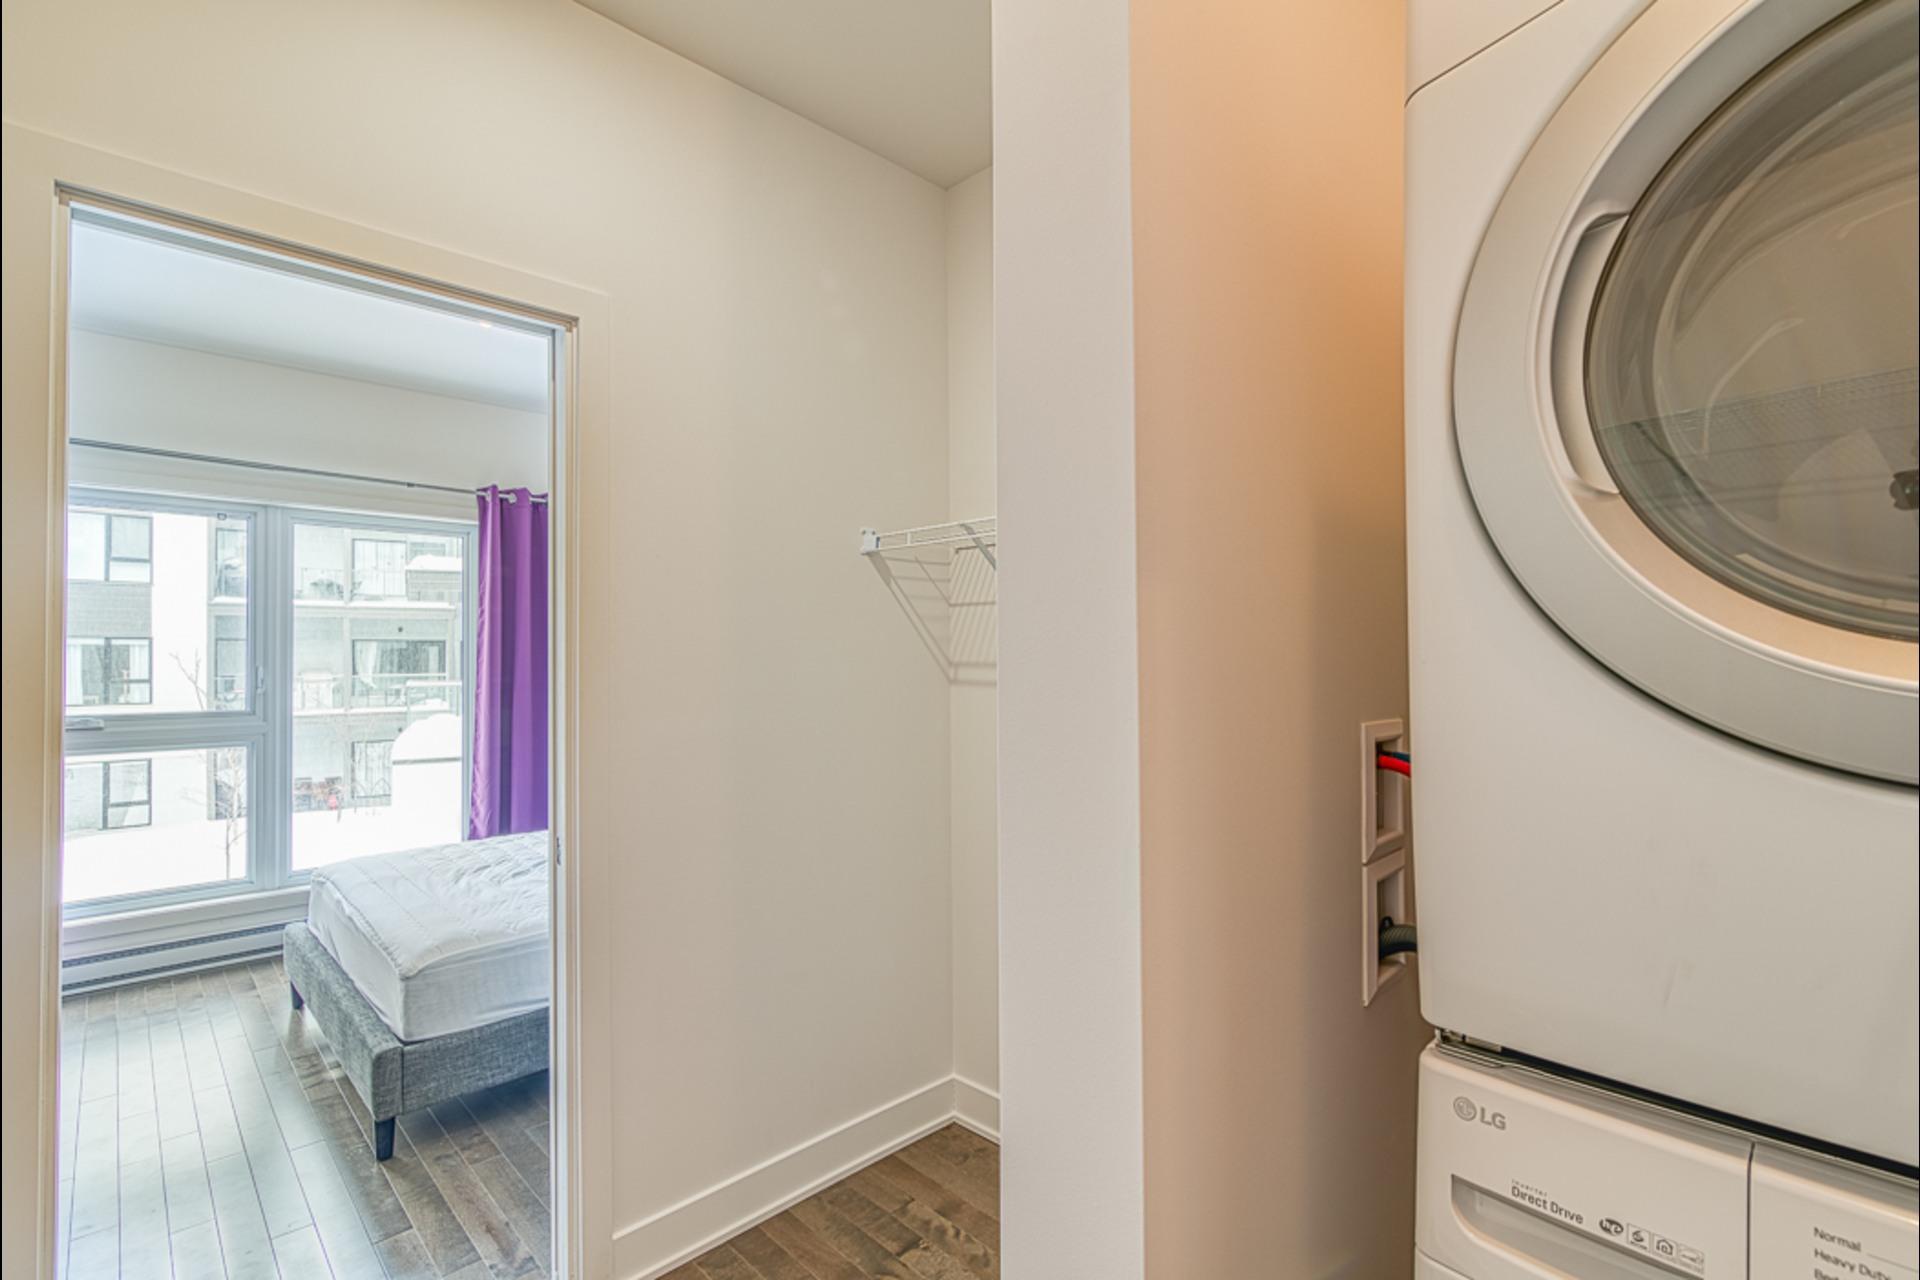 image 16 - MX - Condominio vertical - MX Para alquiler Montréal - 3 habitaciones